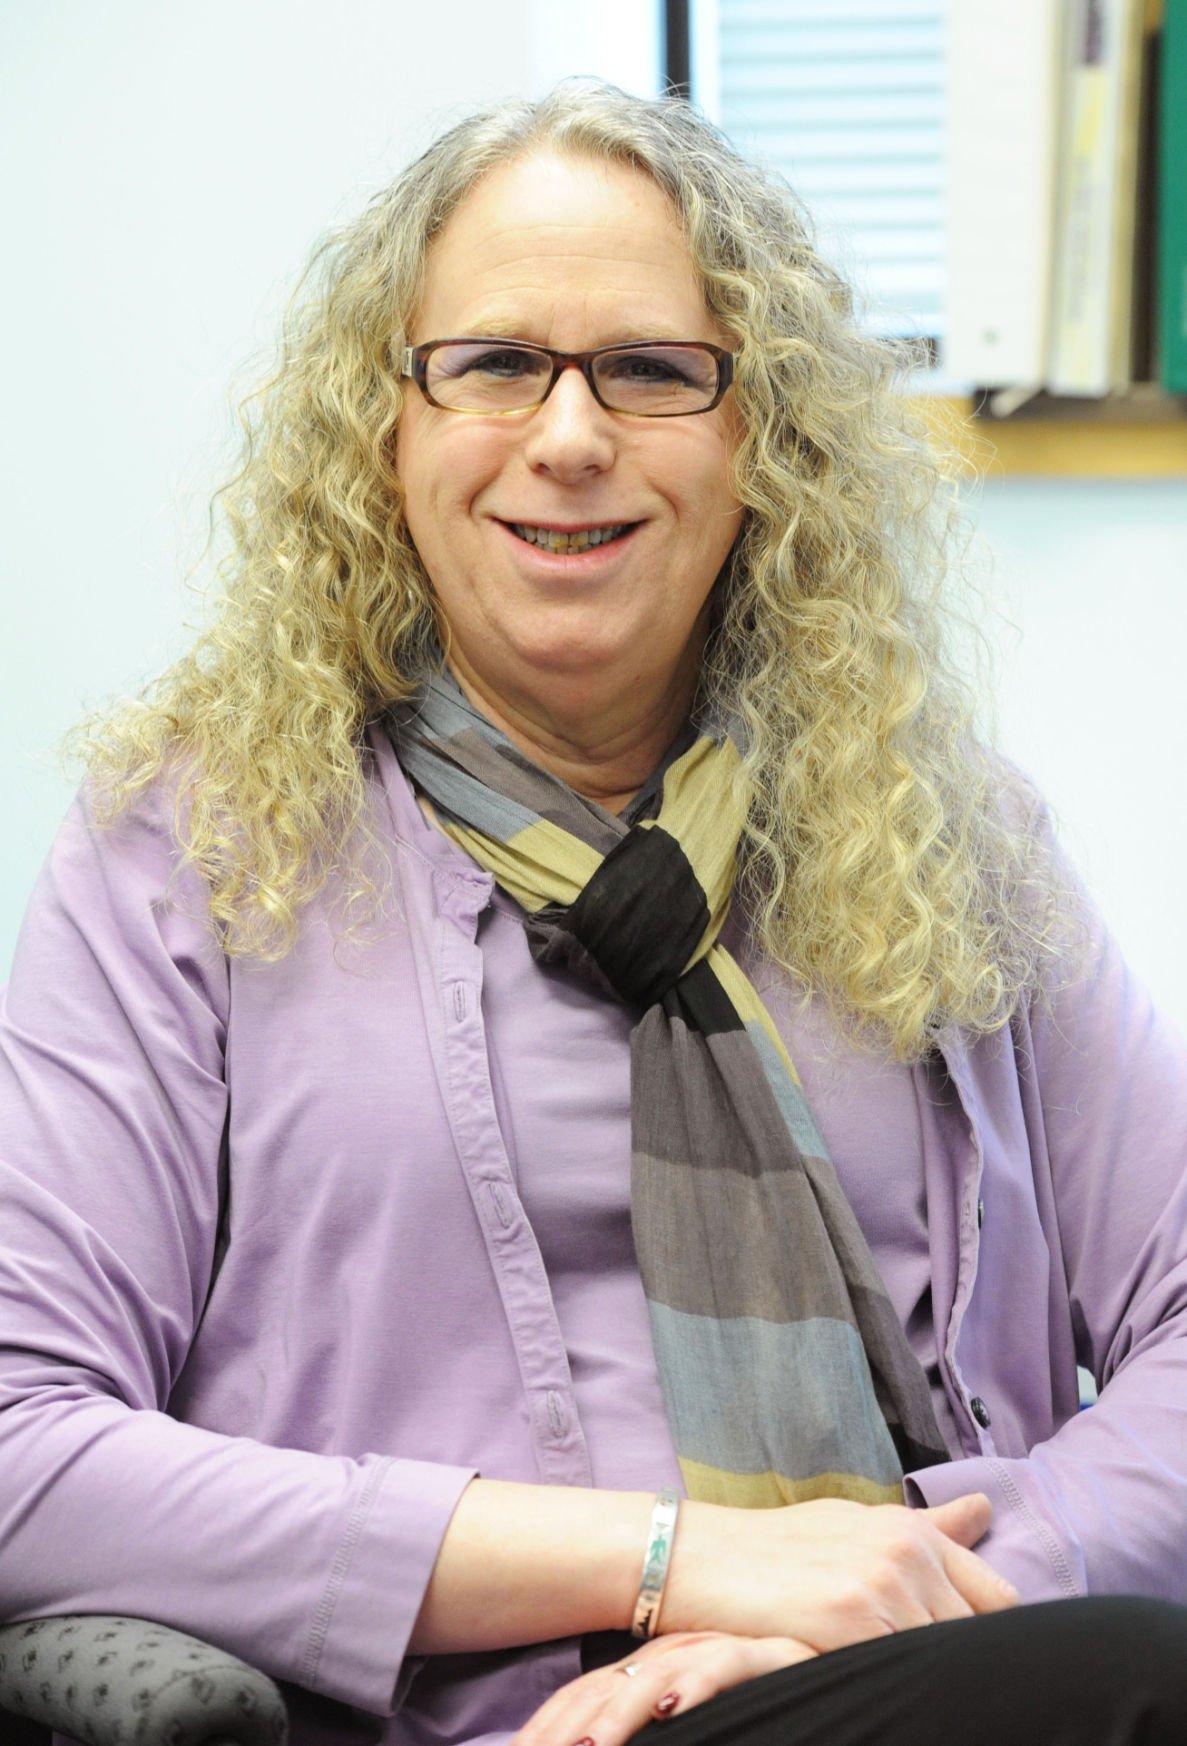 from Kareem penn transgender college